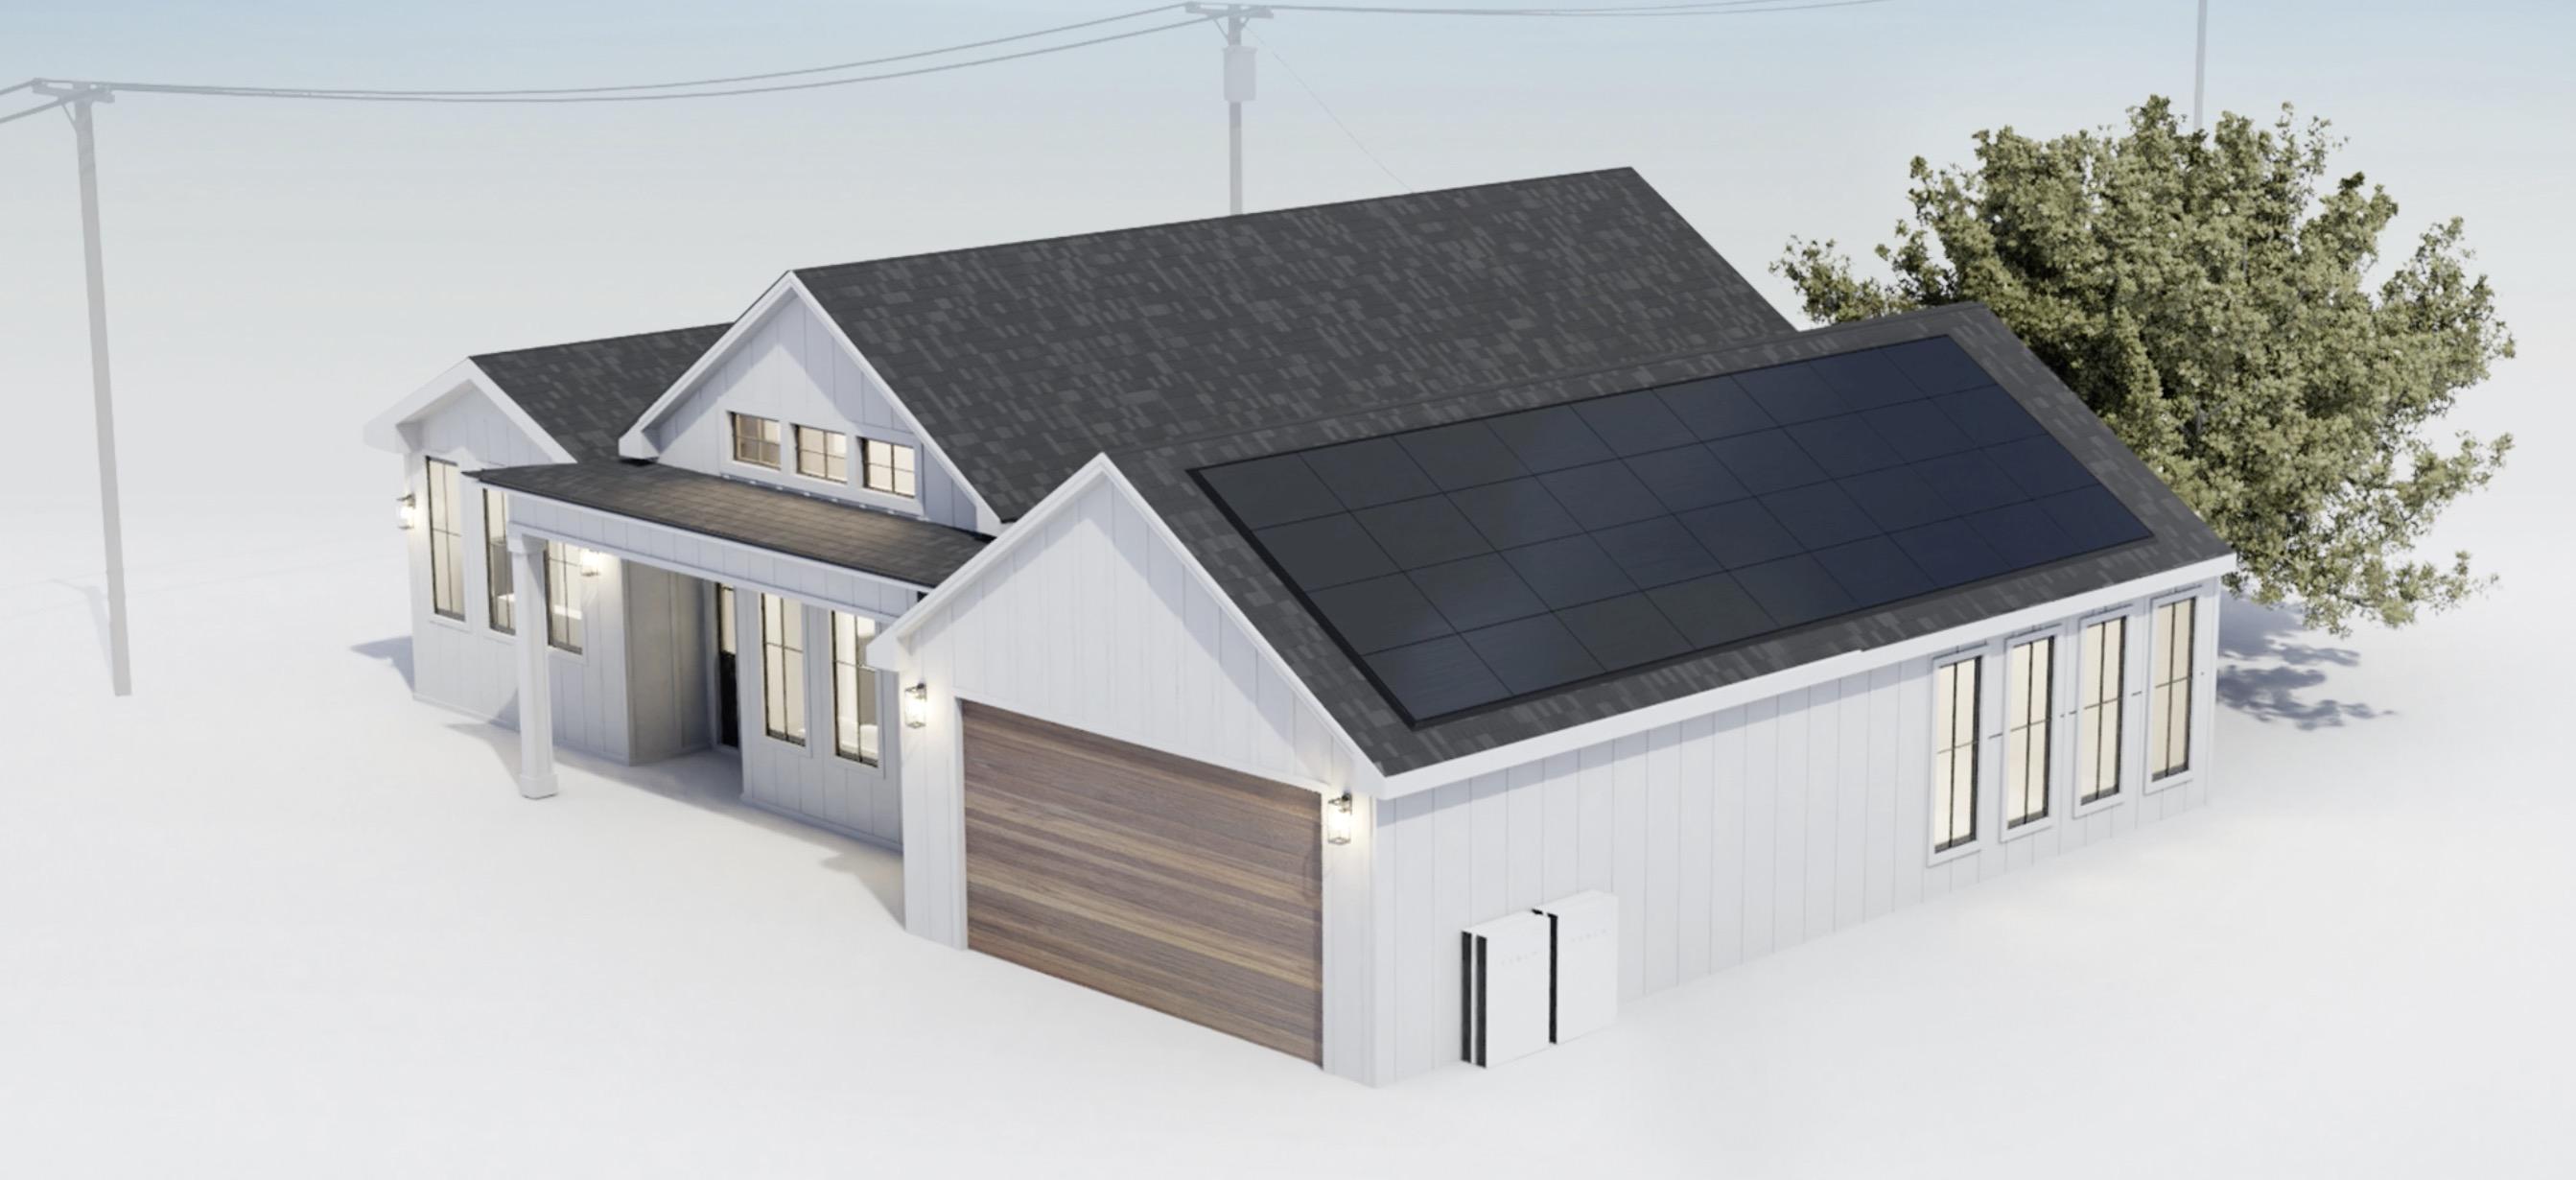 Tesla solar price jpg?quality=82&strip=all.'